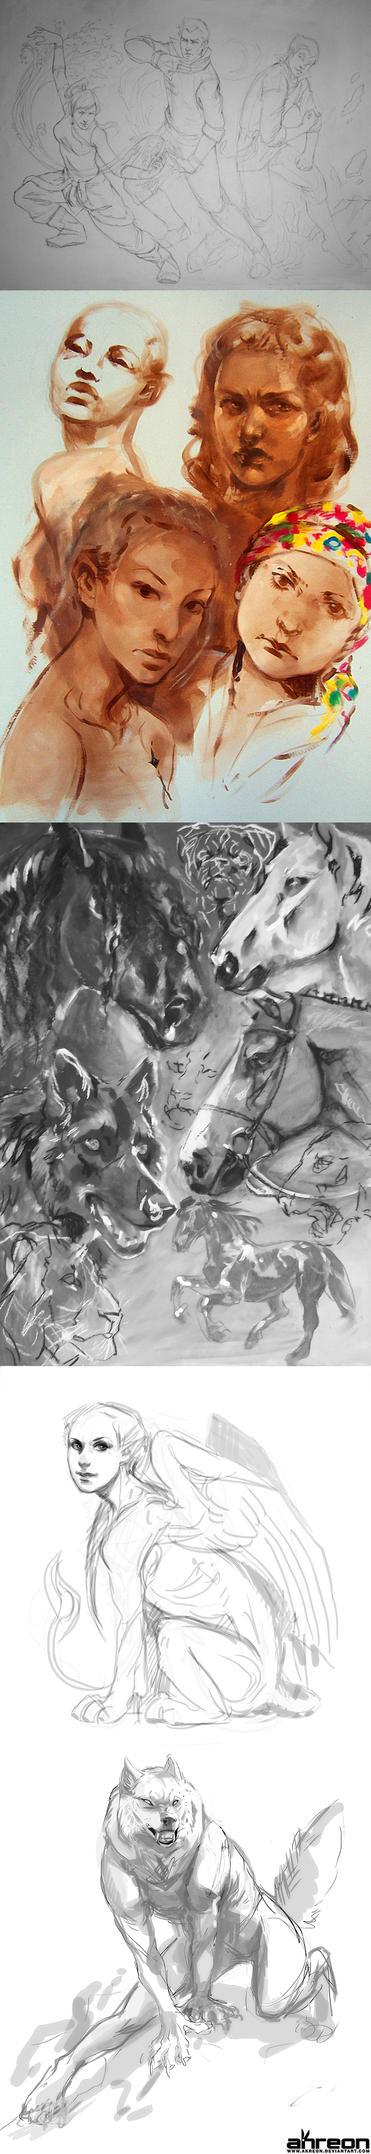 sketch dump 4 - Korra, werewolf, sphinx etc. by akreon